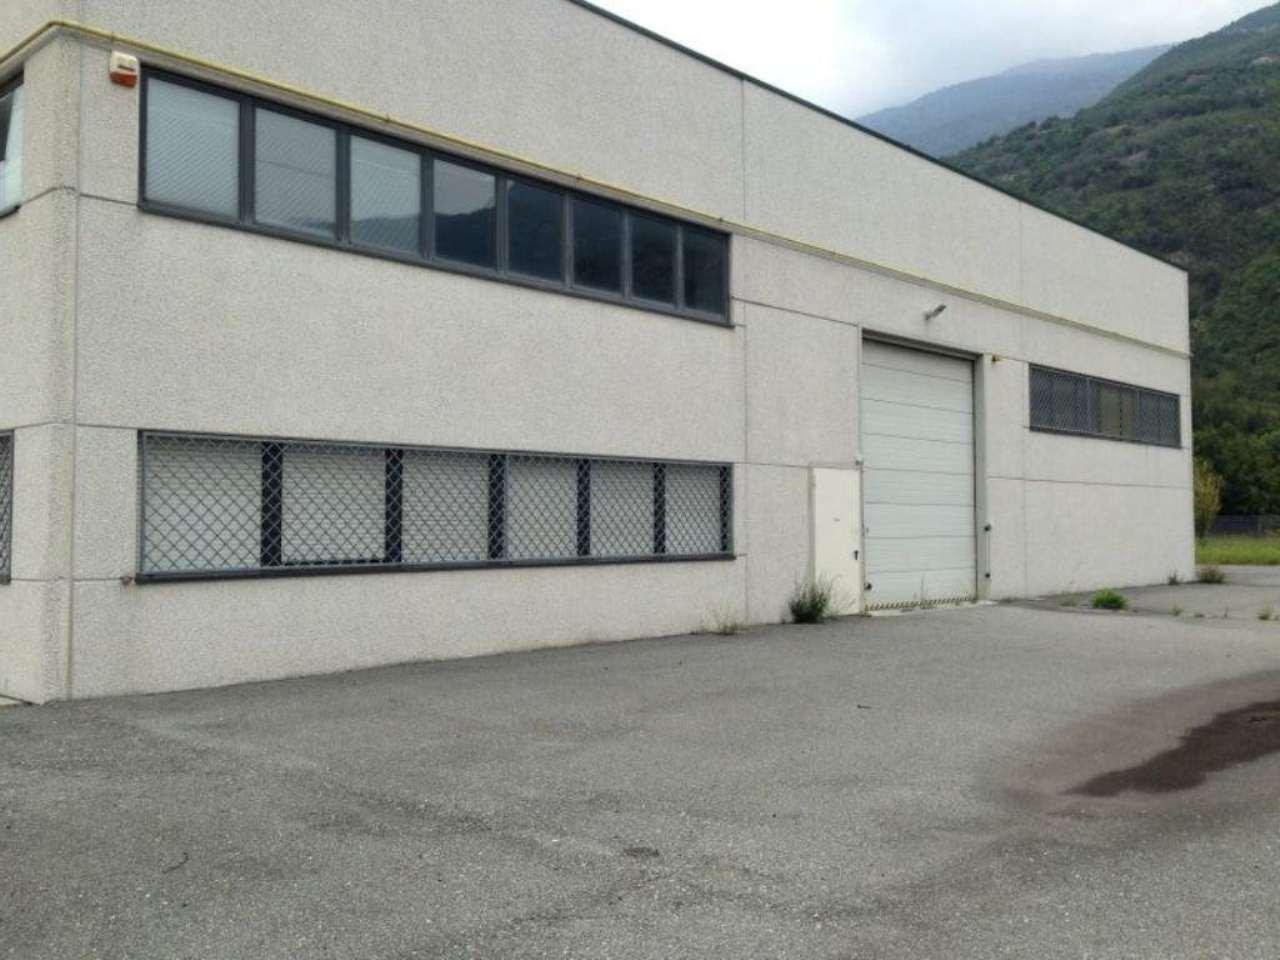 Capannone in vendita a Borgone Susa, 1 locali, prezzo € 300.000 | Cambio Casa.it